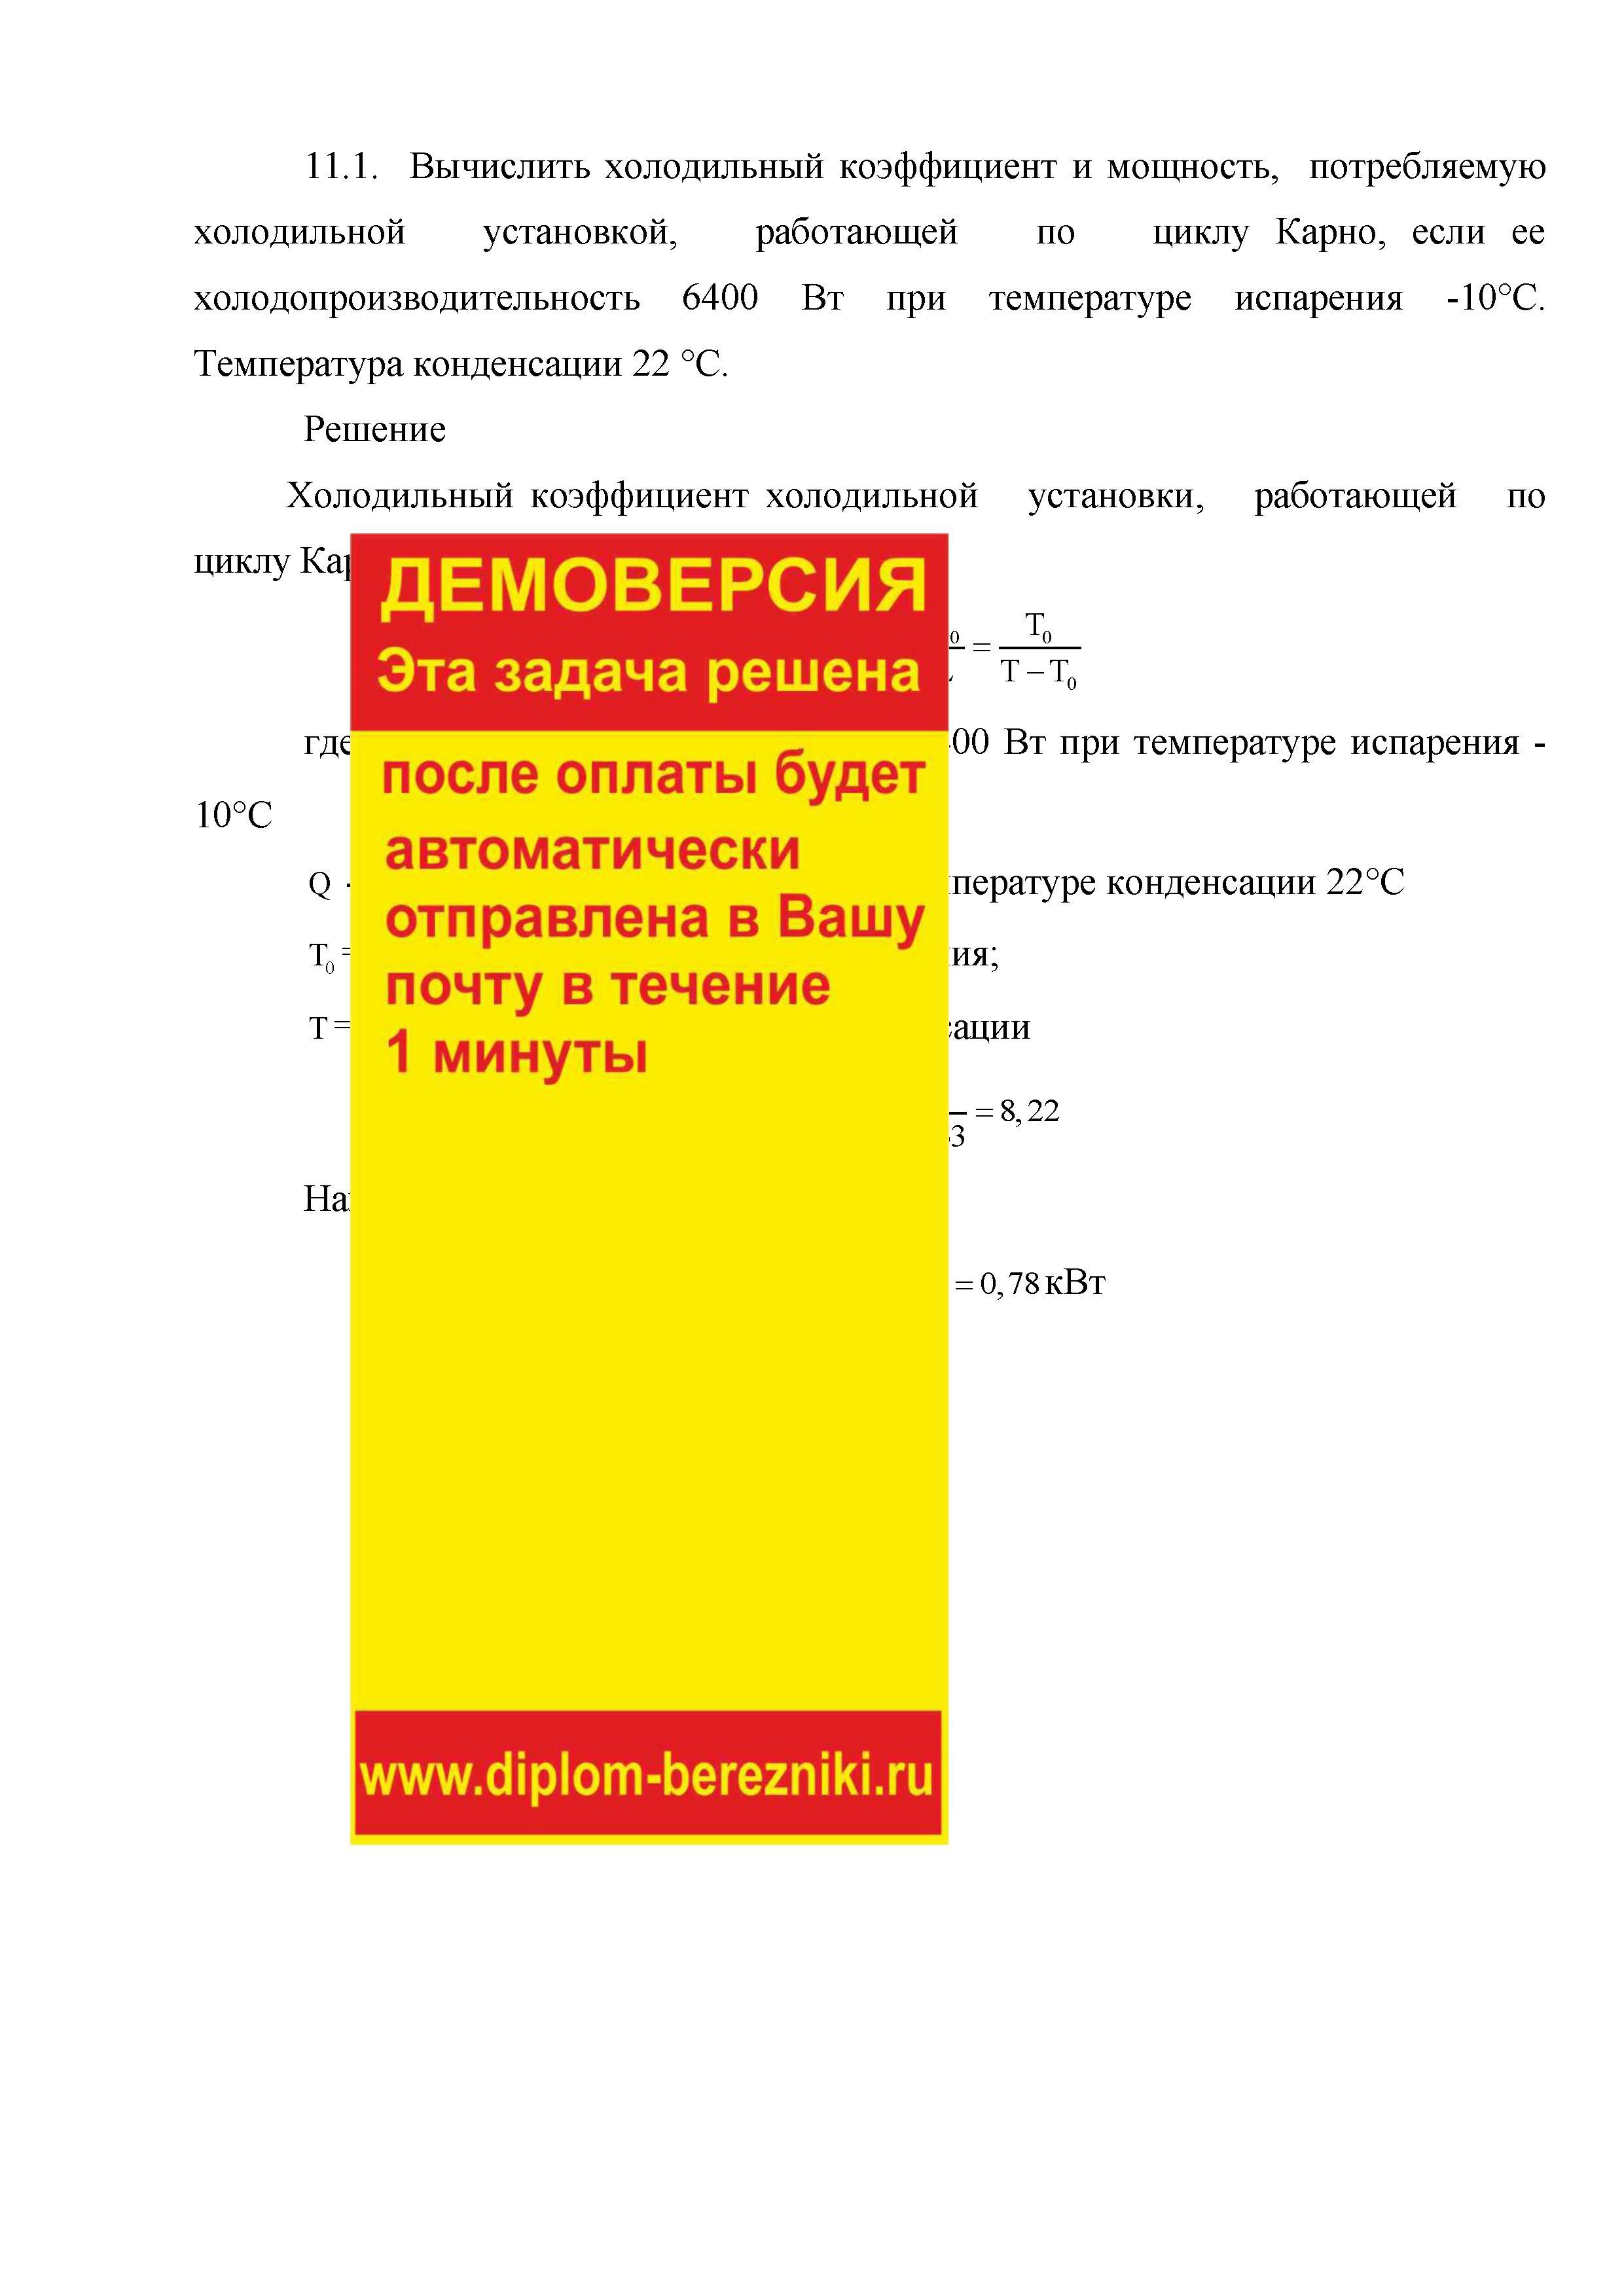 Решение задачи 11.1 по ПАХТ из задачника Павлова Романкова Носкова